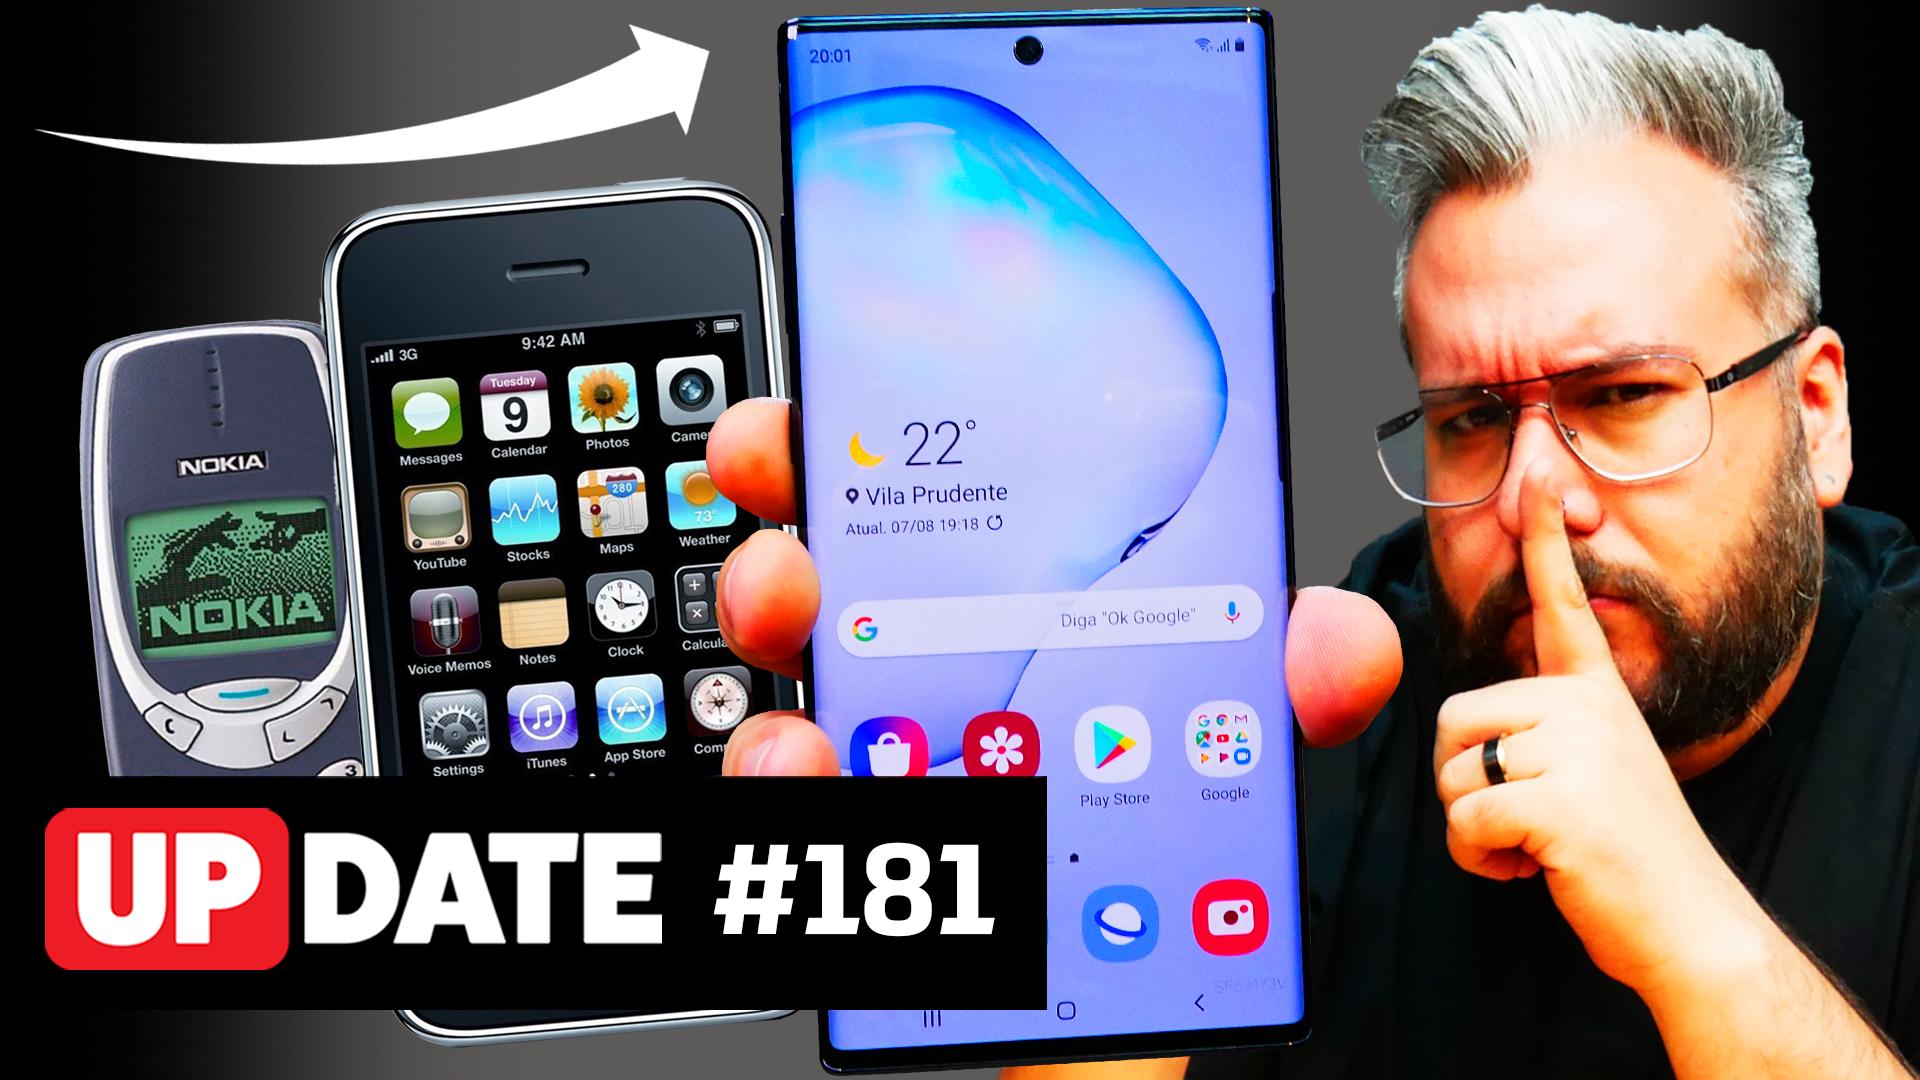 Update 181 – Falta inovação nos celulares?